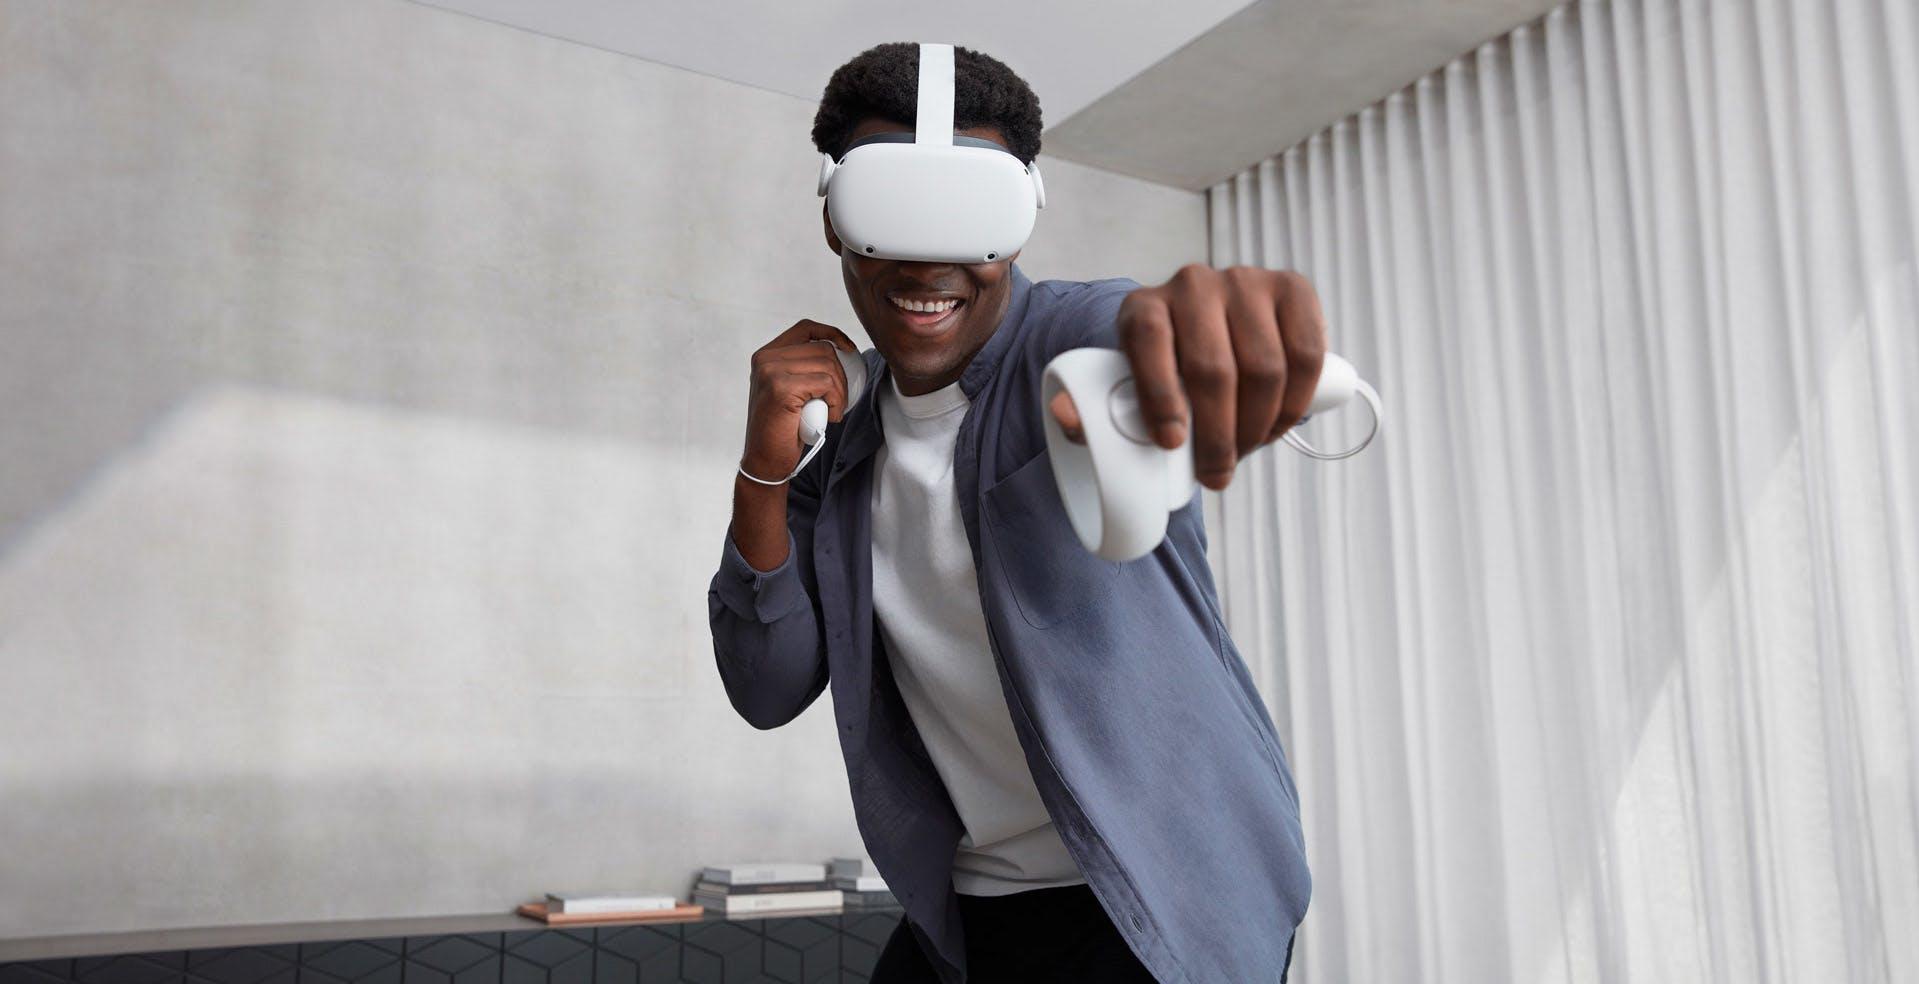 L'Oculus Quest 2 torna in commercio con 128 GB allo stesso prezzo di prima. Sempre di più i giochi interessanti in VR